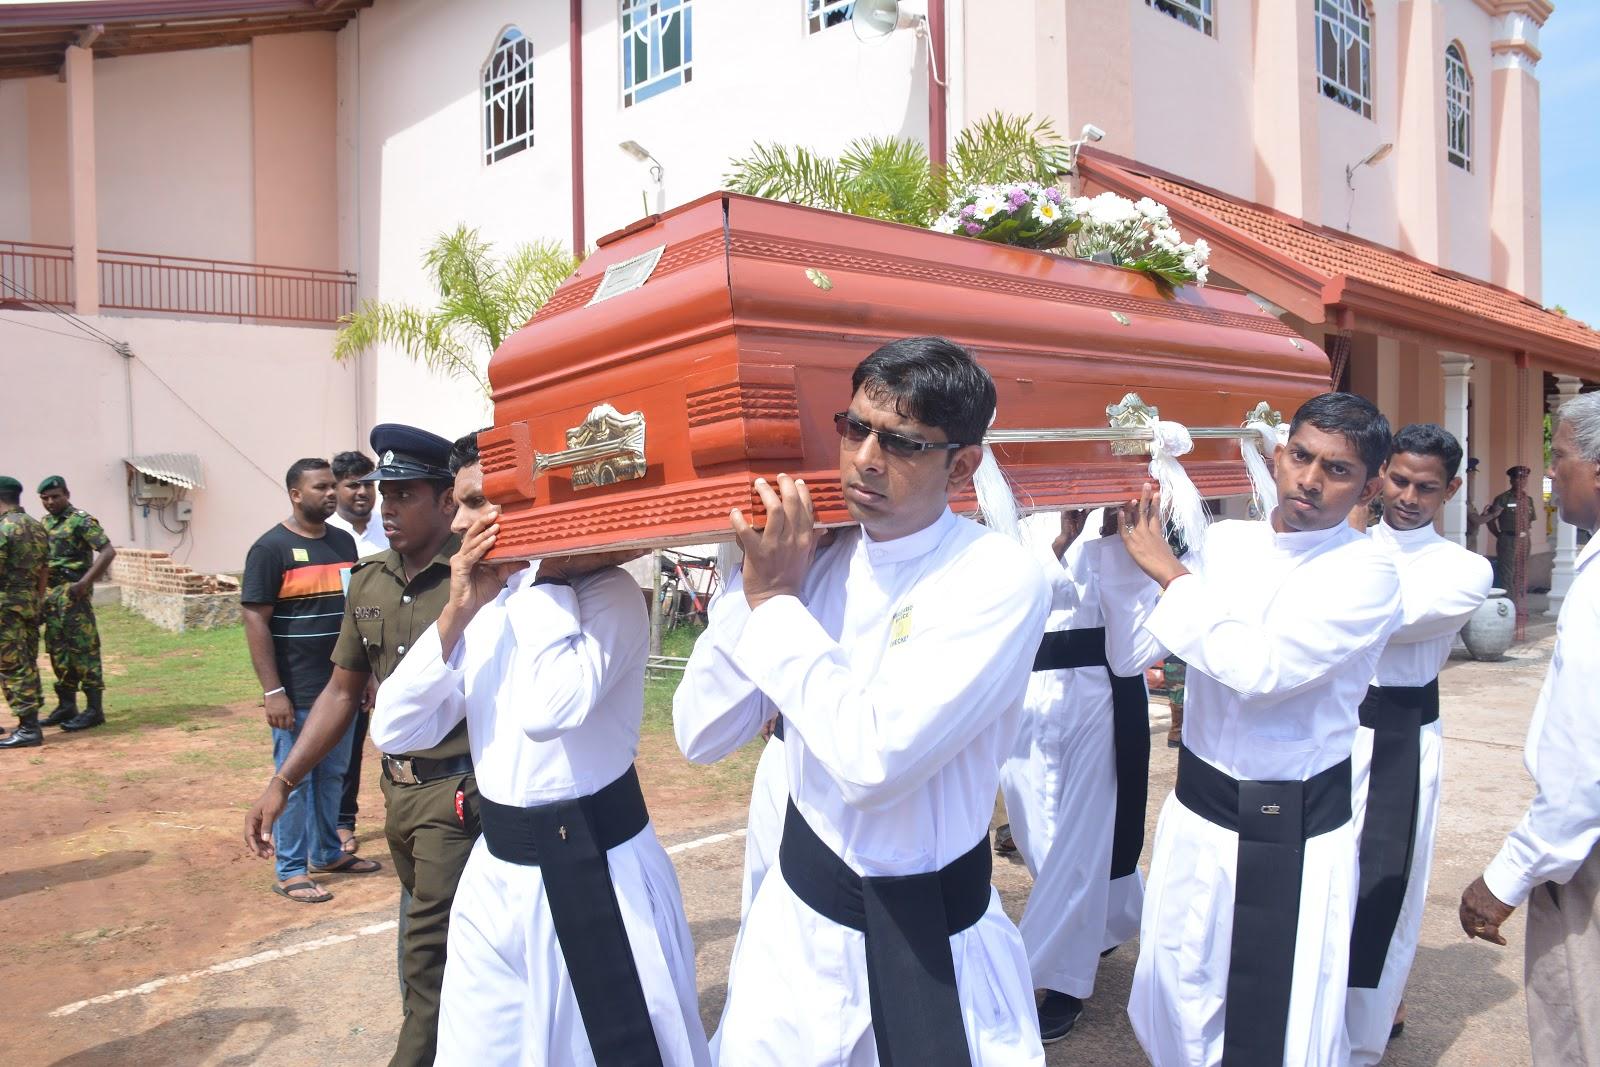 Vị linh mục Sri Lanka: 'Chúng tôi còn rất xa với hòa bình'